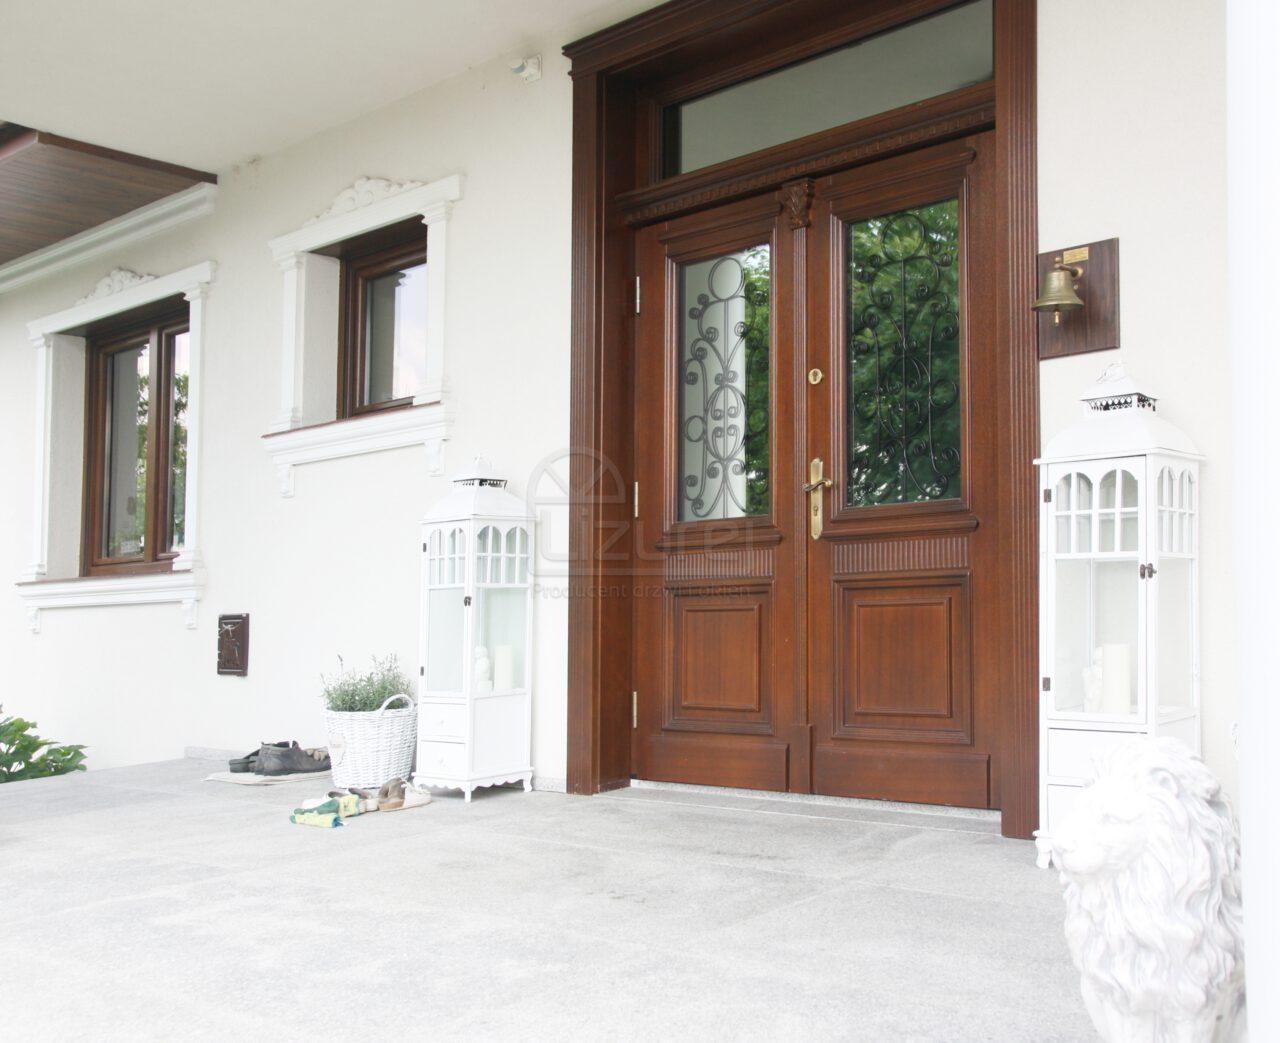 Drzwi Zewnętrzne Dwuskrzydłowe Drewniane Przszklone Dwór LZ270